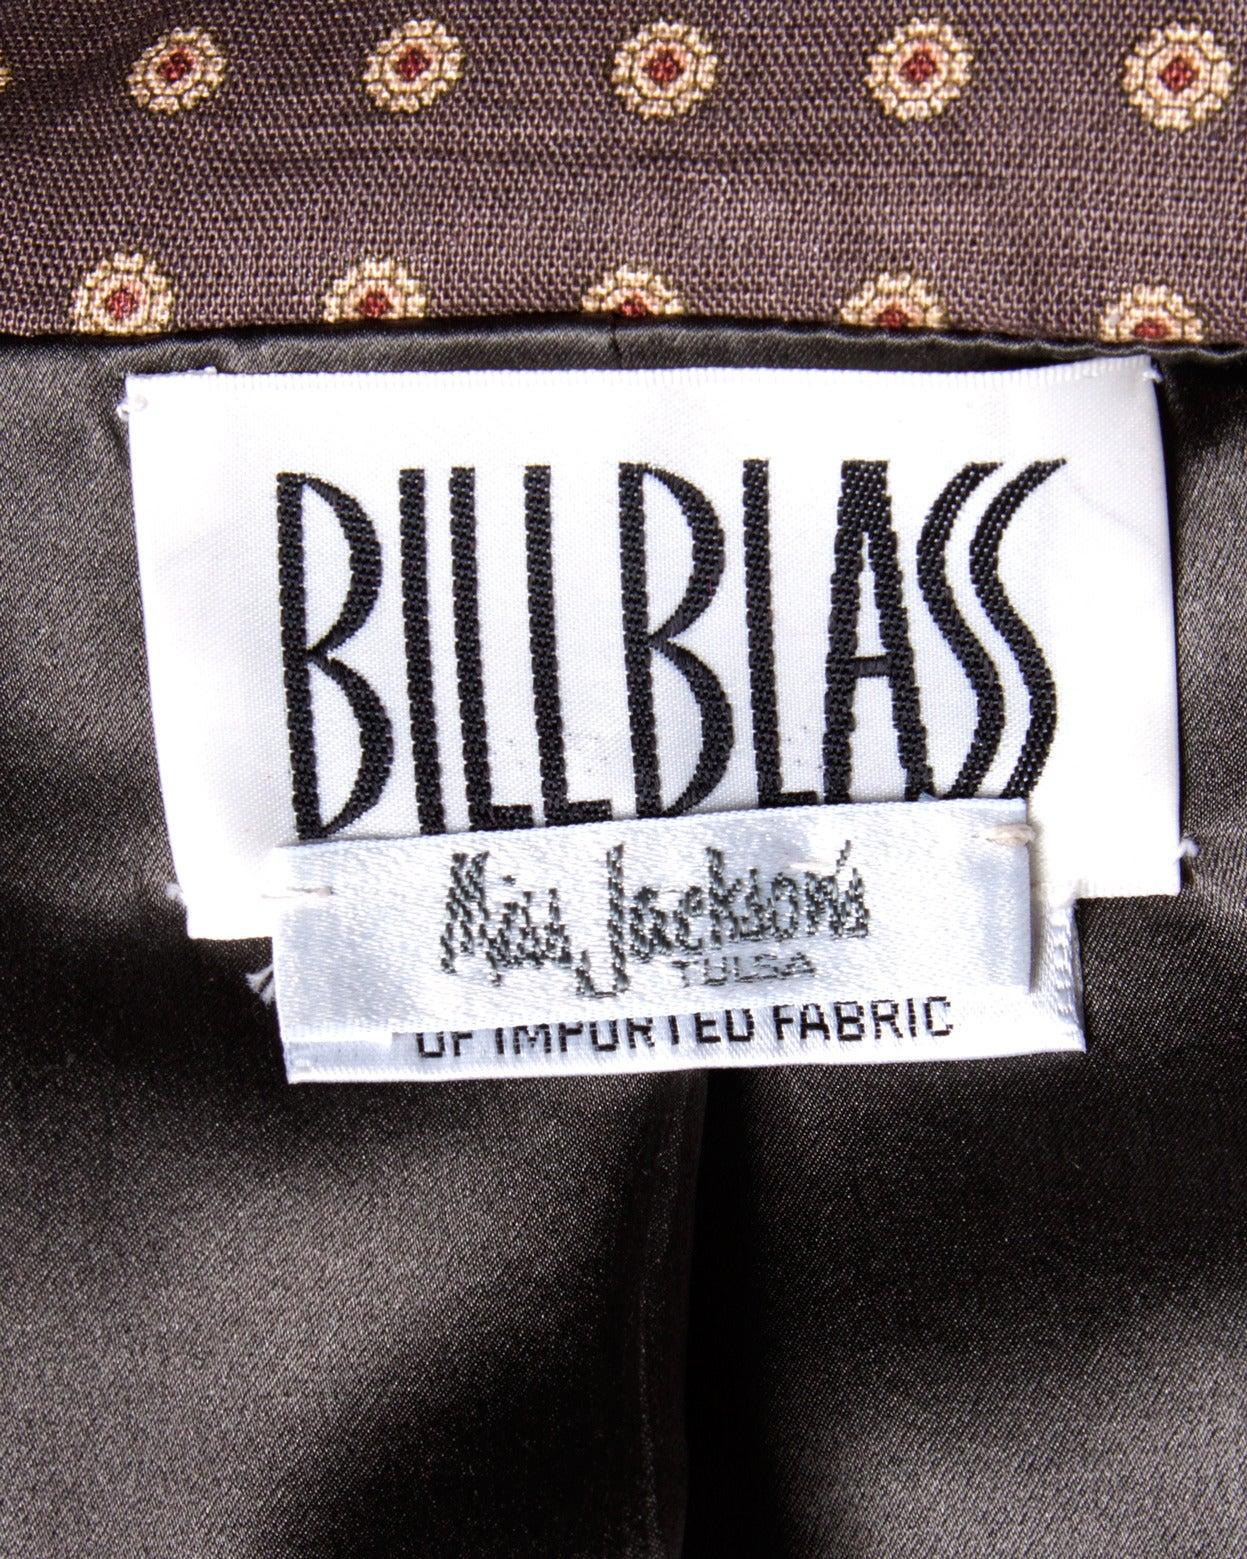 Women's Bill Blass Unworn Deadstock Vintage Wool Jacket + Skirt Suit For Sale